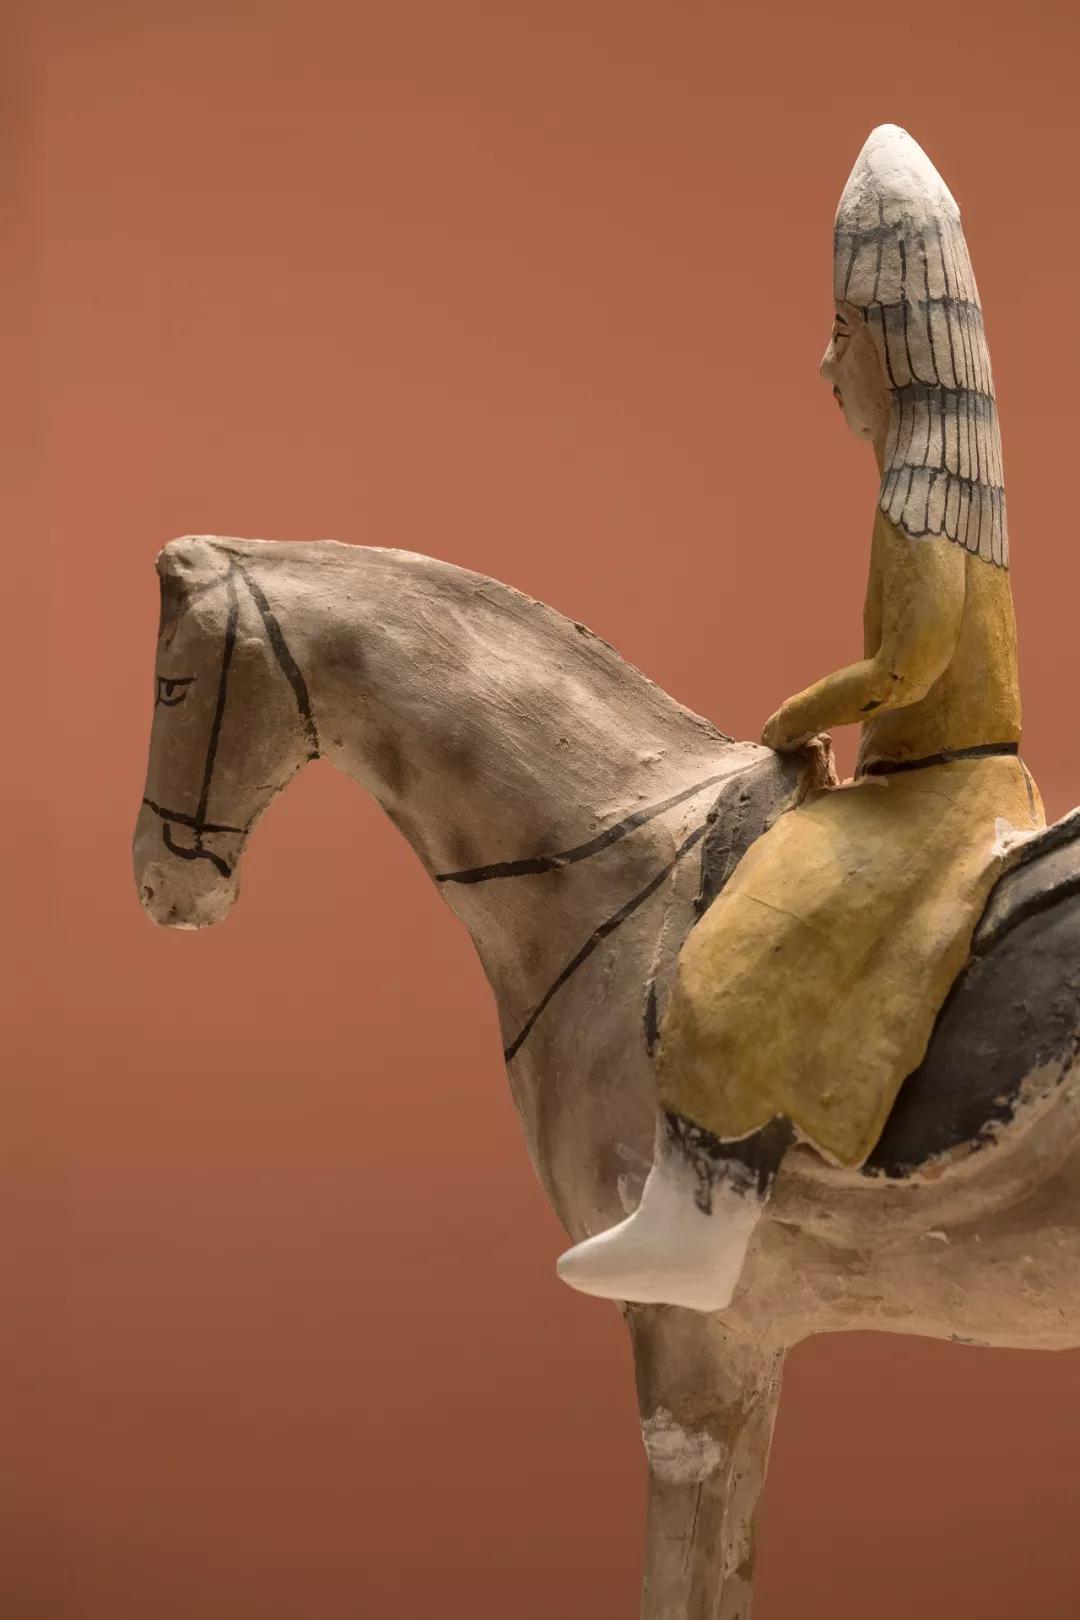 彩绘骑马武士俑,唐代 1964年吐鲁番阿斯塔那29号墓出土 新疆维吾尔自治区博物馆藏 (摄影/范立)